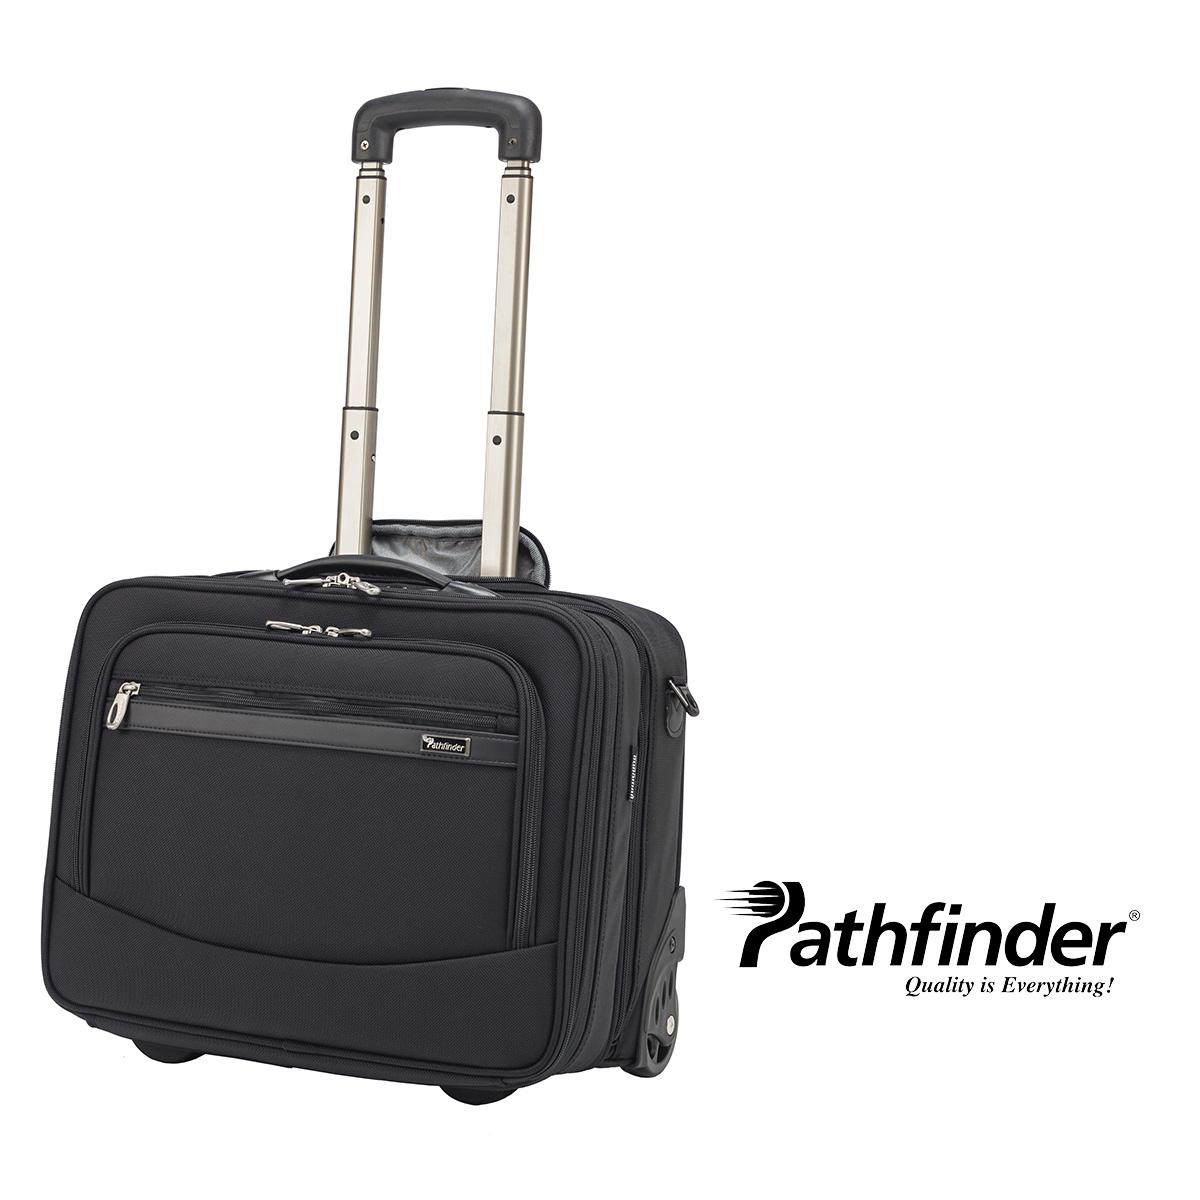 パスファインダー スーツケース メンズ PF6877 Pathfinder 17